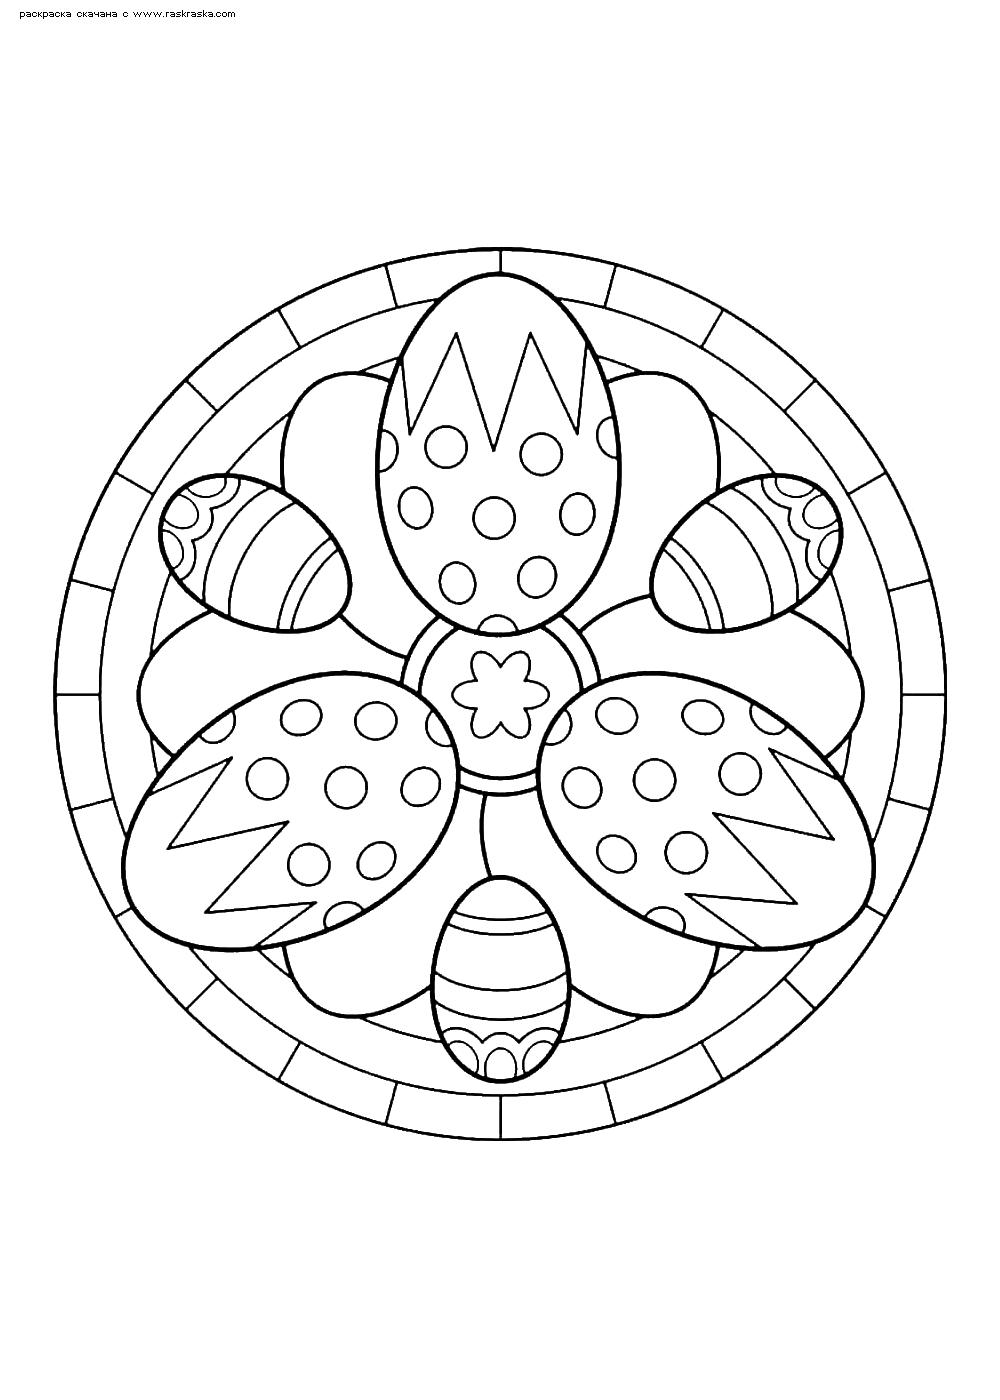 Раскраска Пасха. Раскраска яйца, пасха, мандала